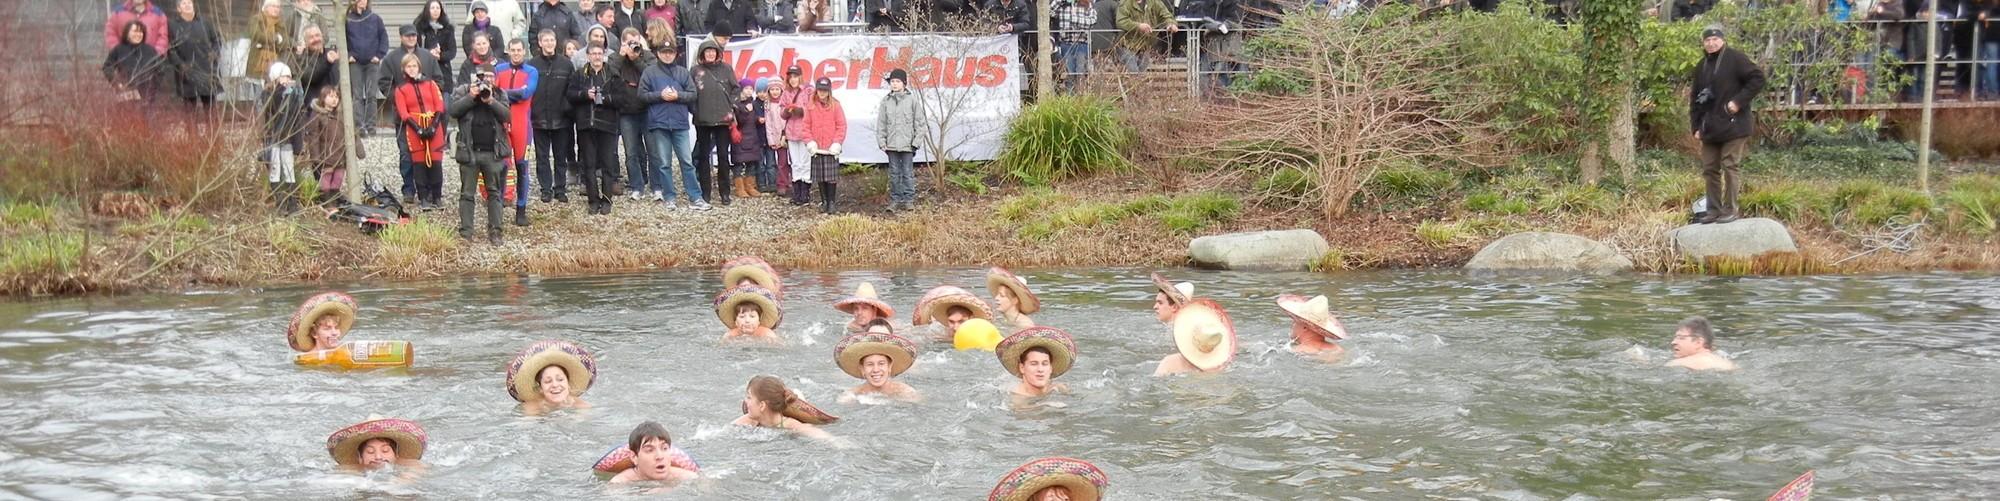 Neujahrsschwimmen WeberHaus World of Living DSCN0434-cdnparams-cx16-cy148-cw2575-ch645-w2000-h501-t1542704591.JPG